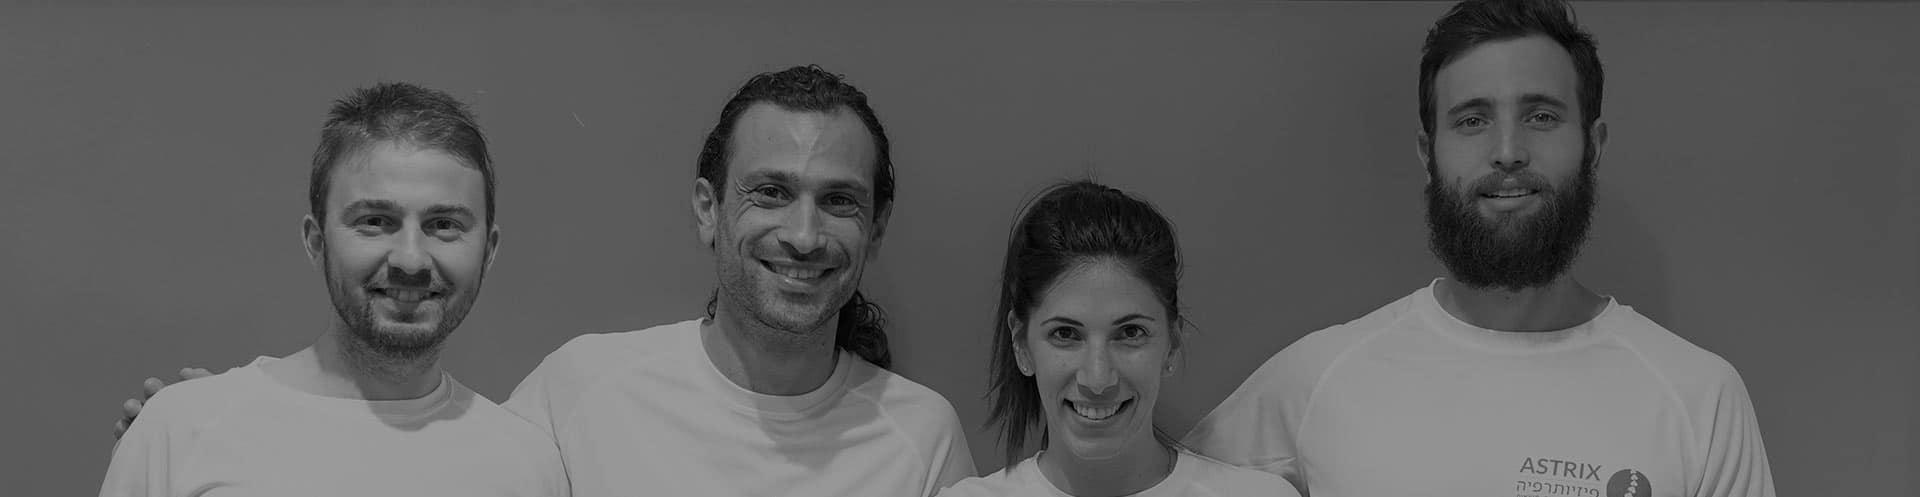 צוות אסטריקס פיזיותרפיה רעננה